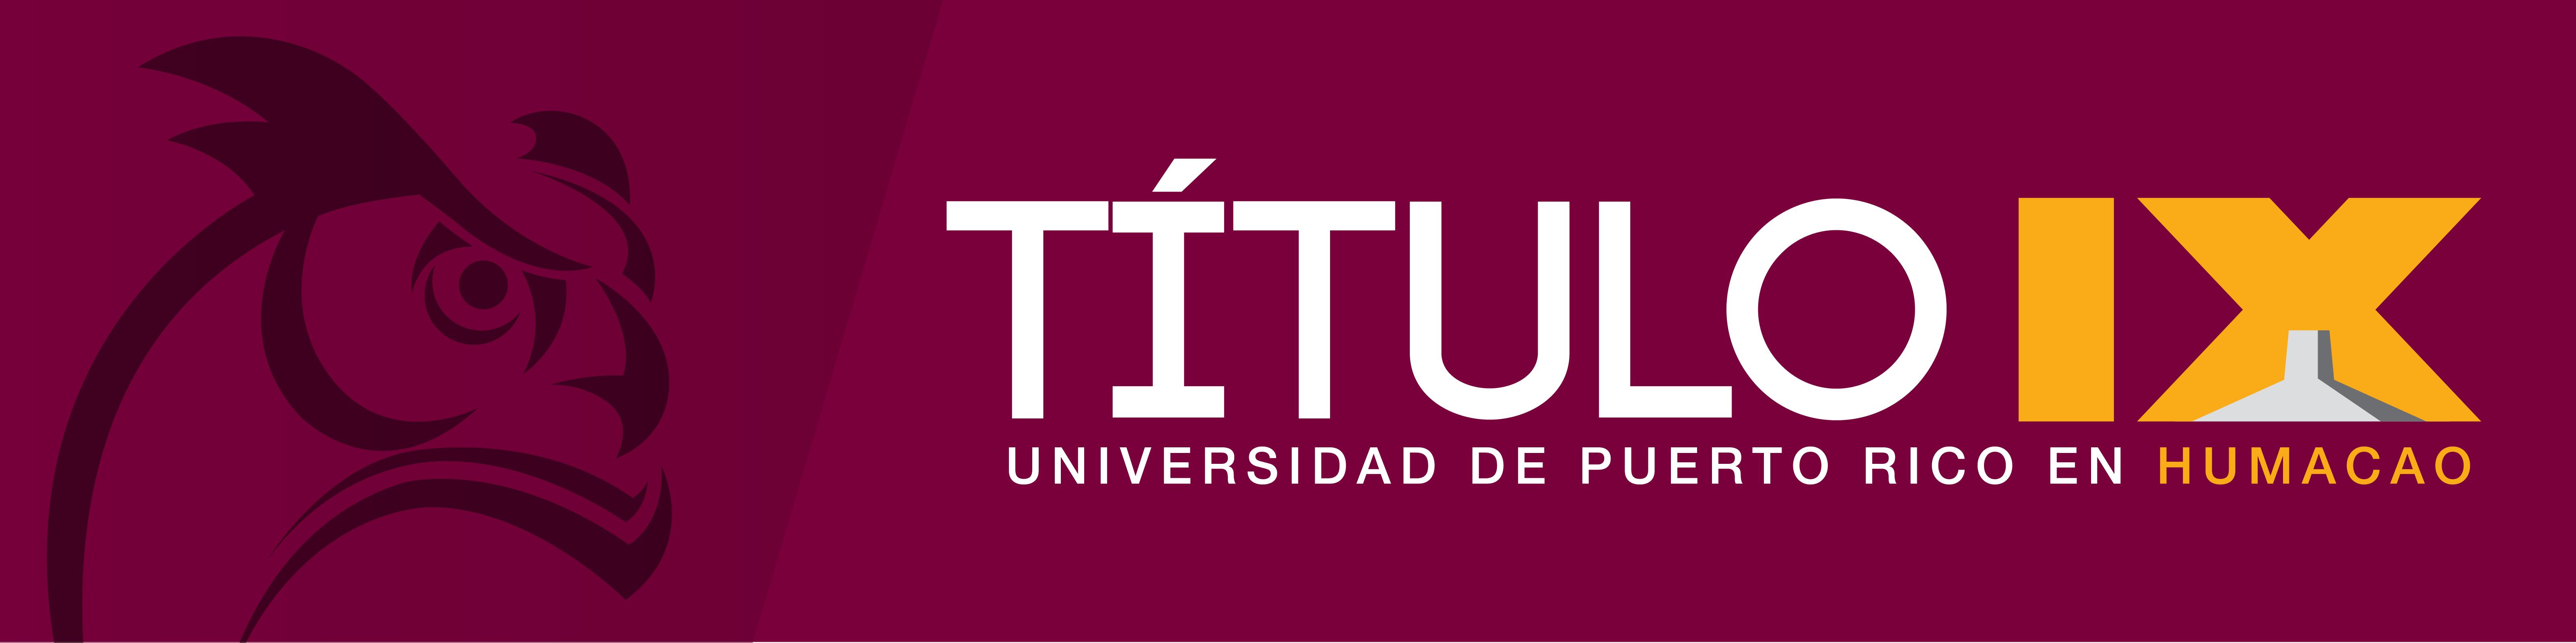 Web Banner Titulo IX